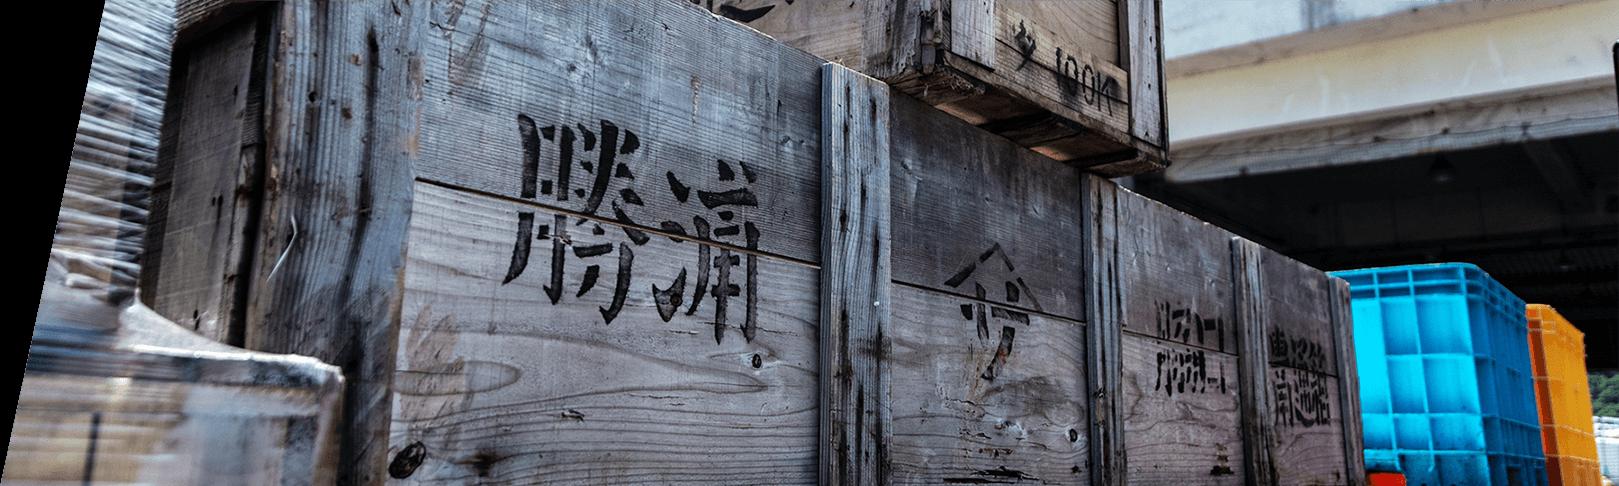 勝浦と書かれたコンテナの置かれる港の風景